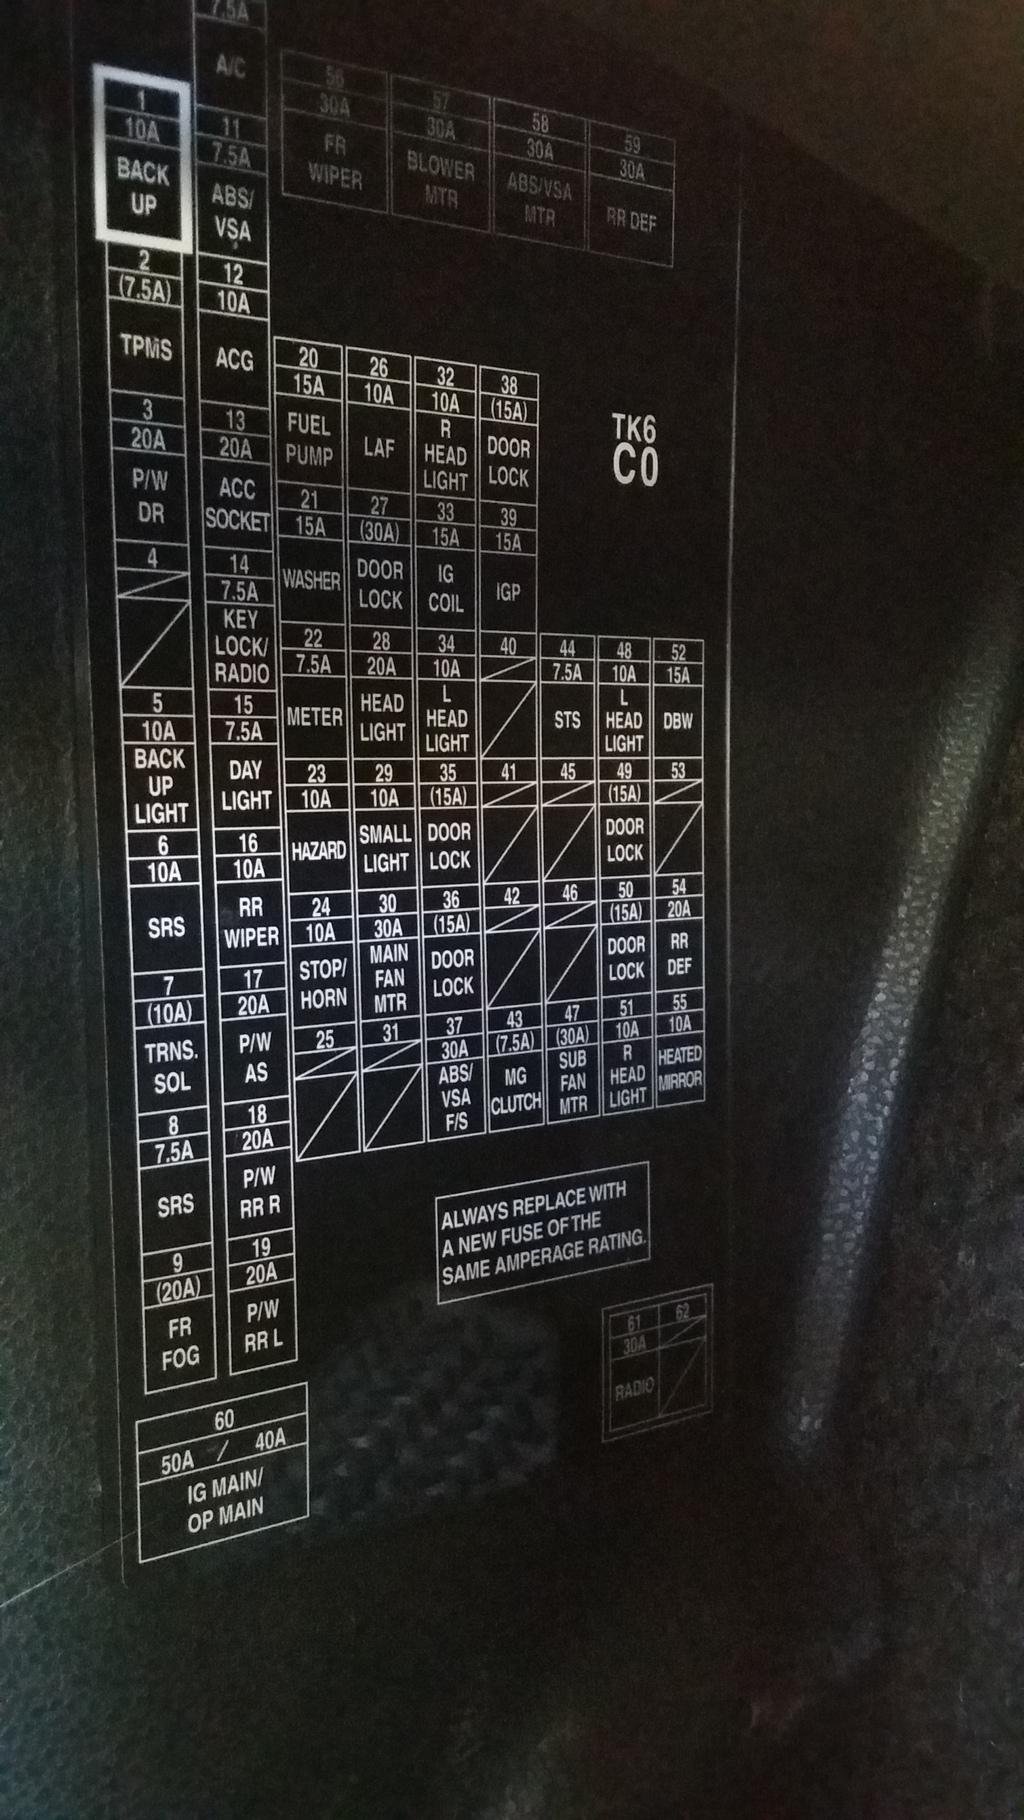 S2000 Interior Fuse Box Free Download Wiring Diagrams Schematics 04 Honda Amaze New Diagram 2018 2007 2008 Pilot Volvo Alumacraft Wire 2004 Accord